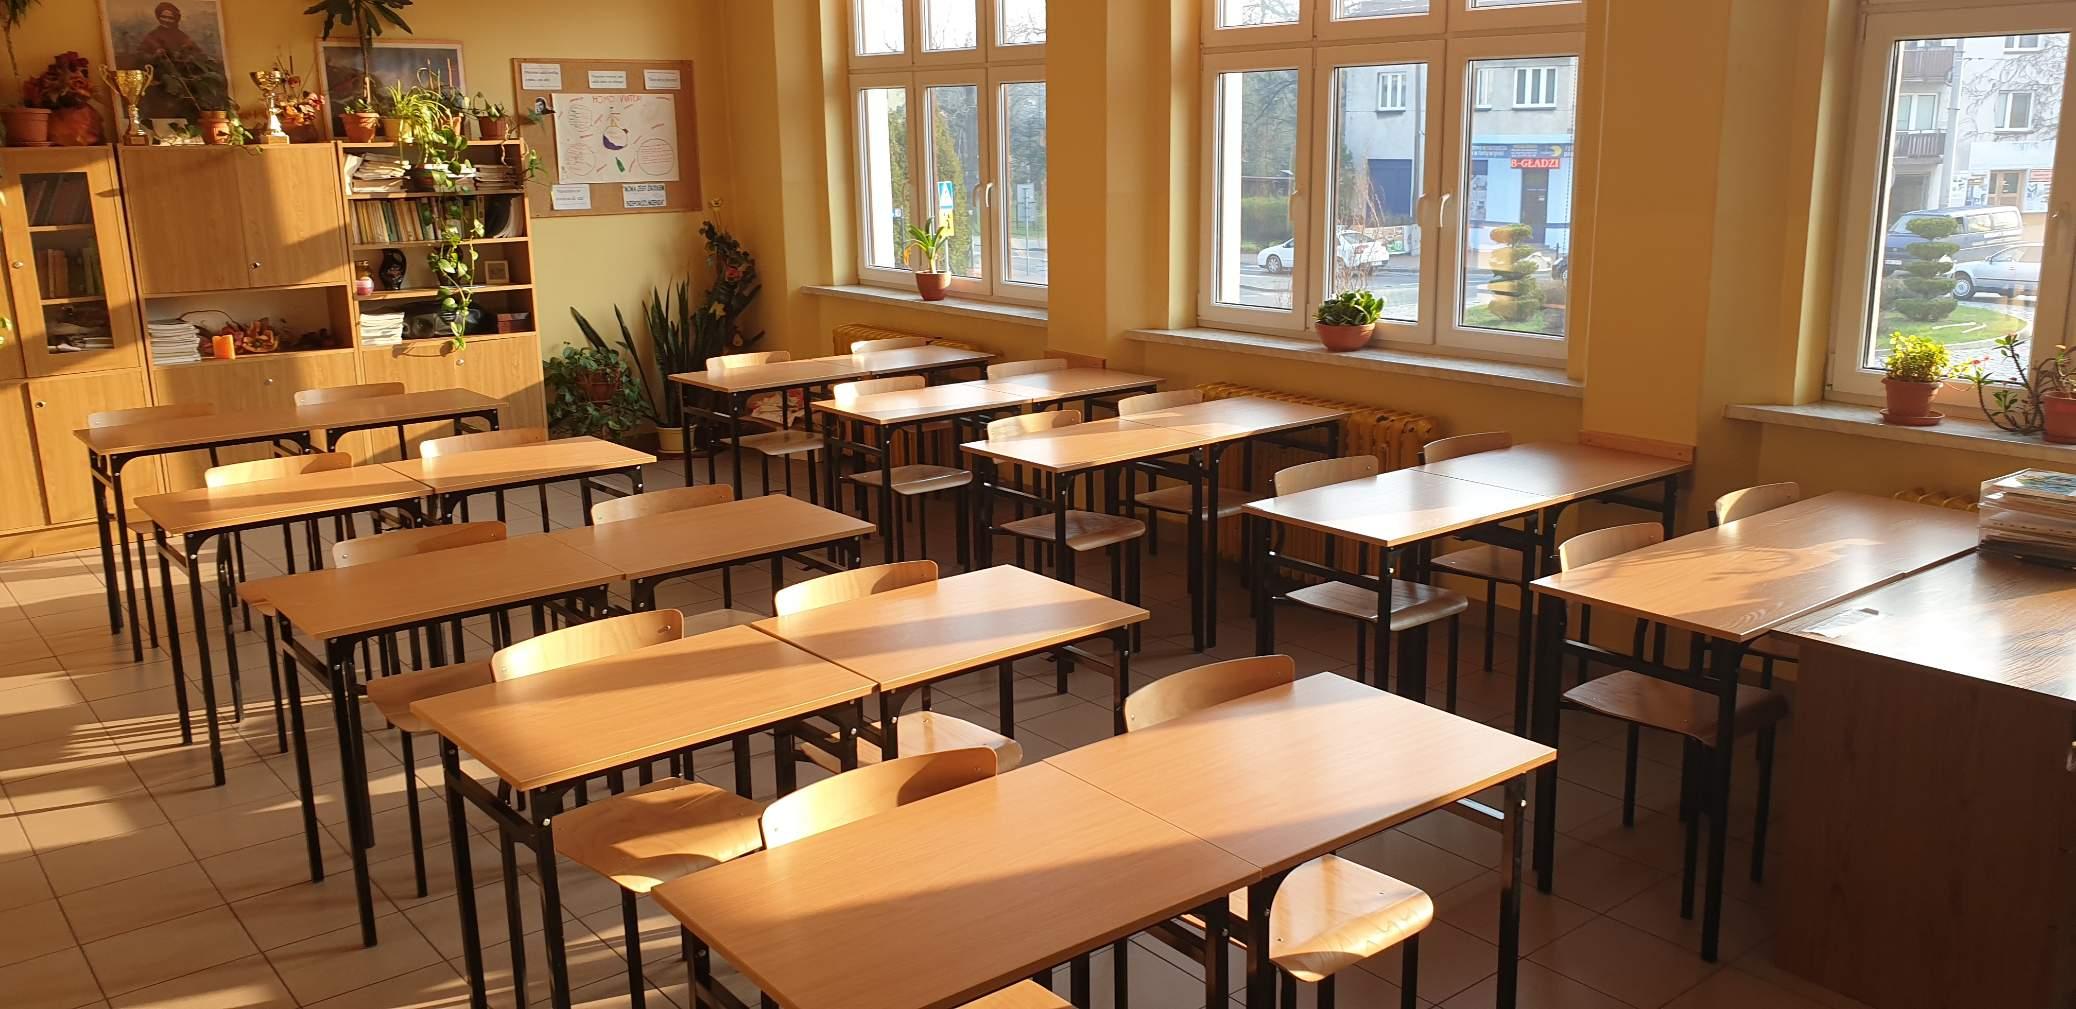 Szkoły wrócą do normalności dopiero po wakacjach